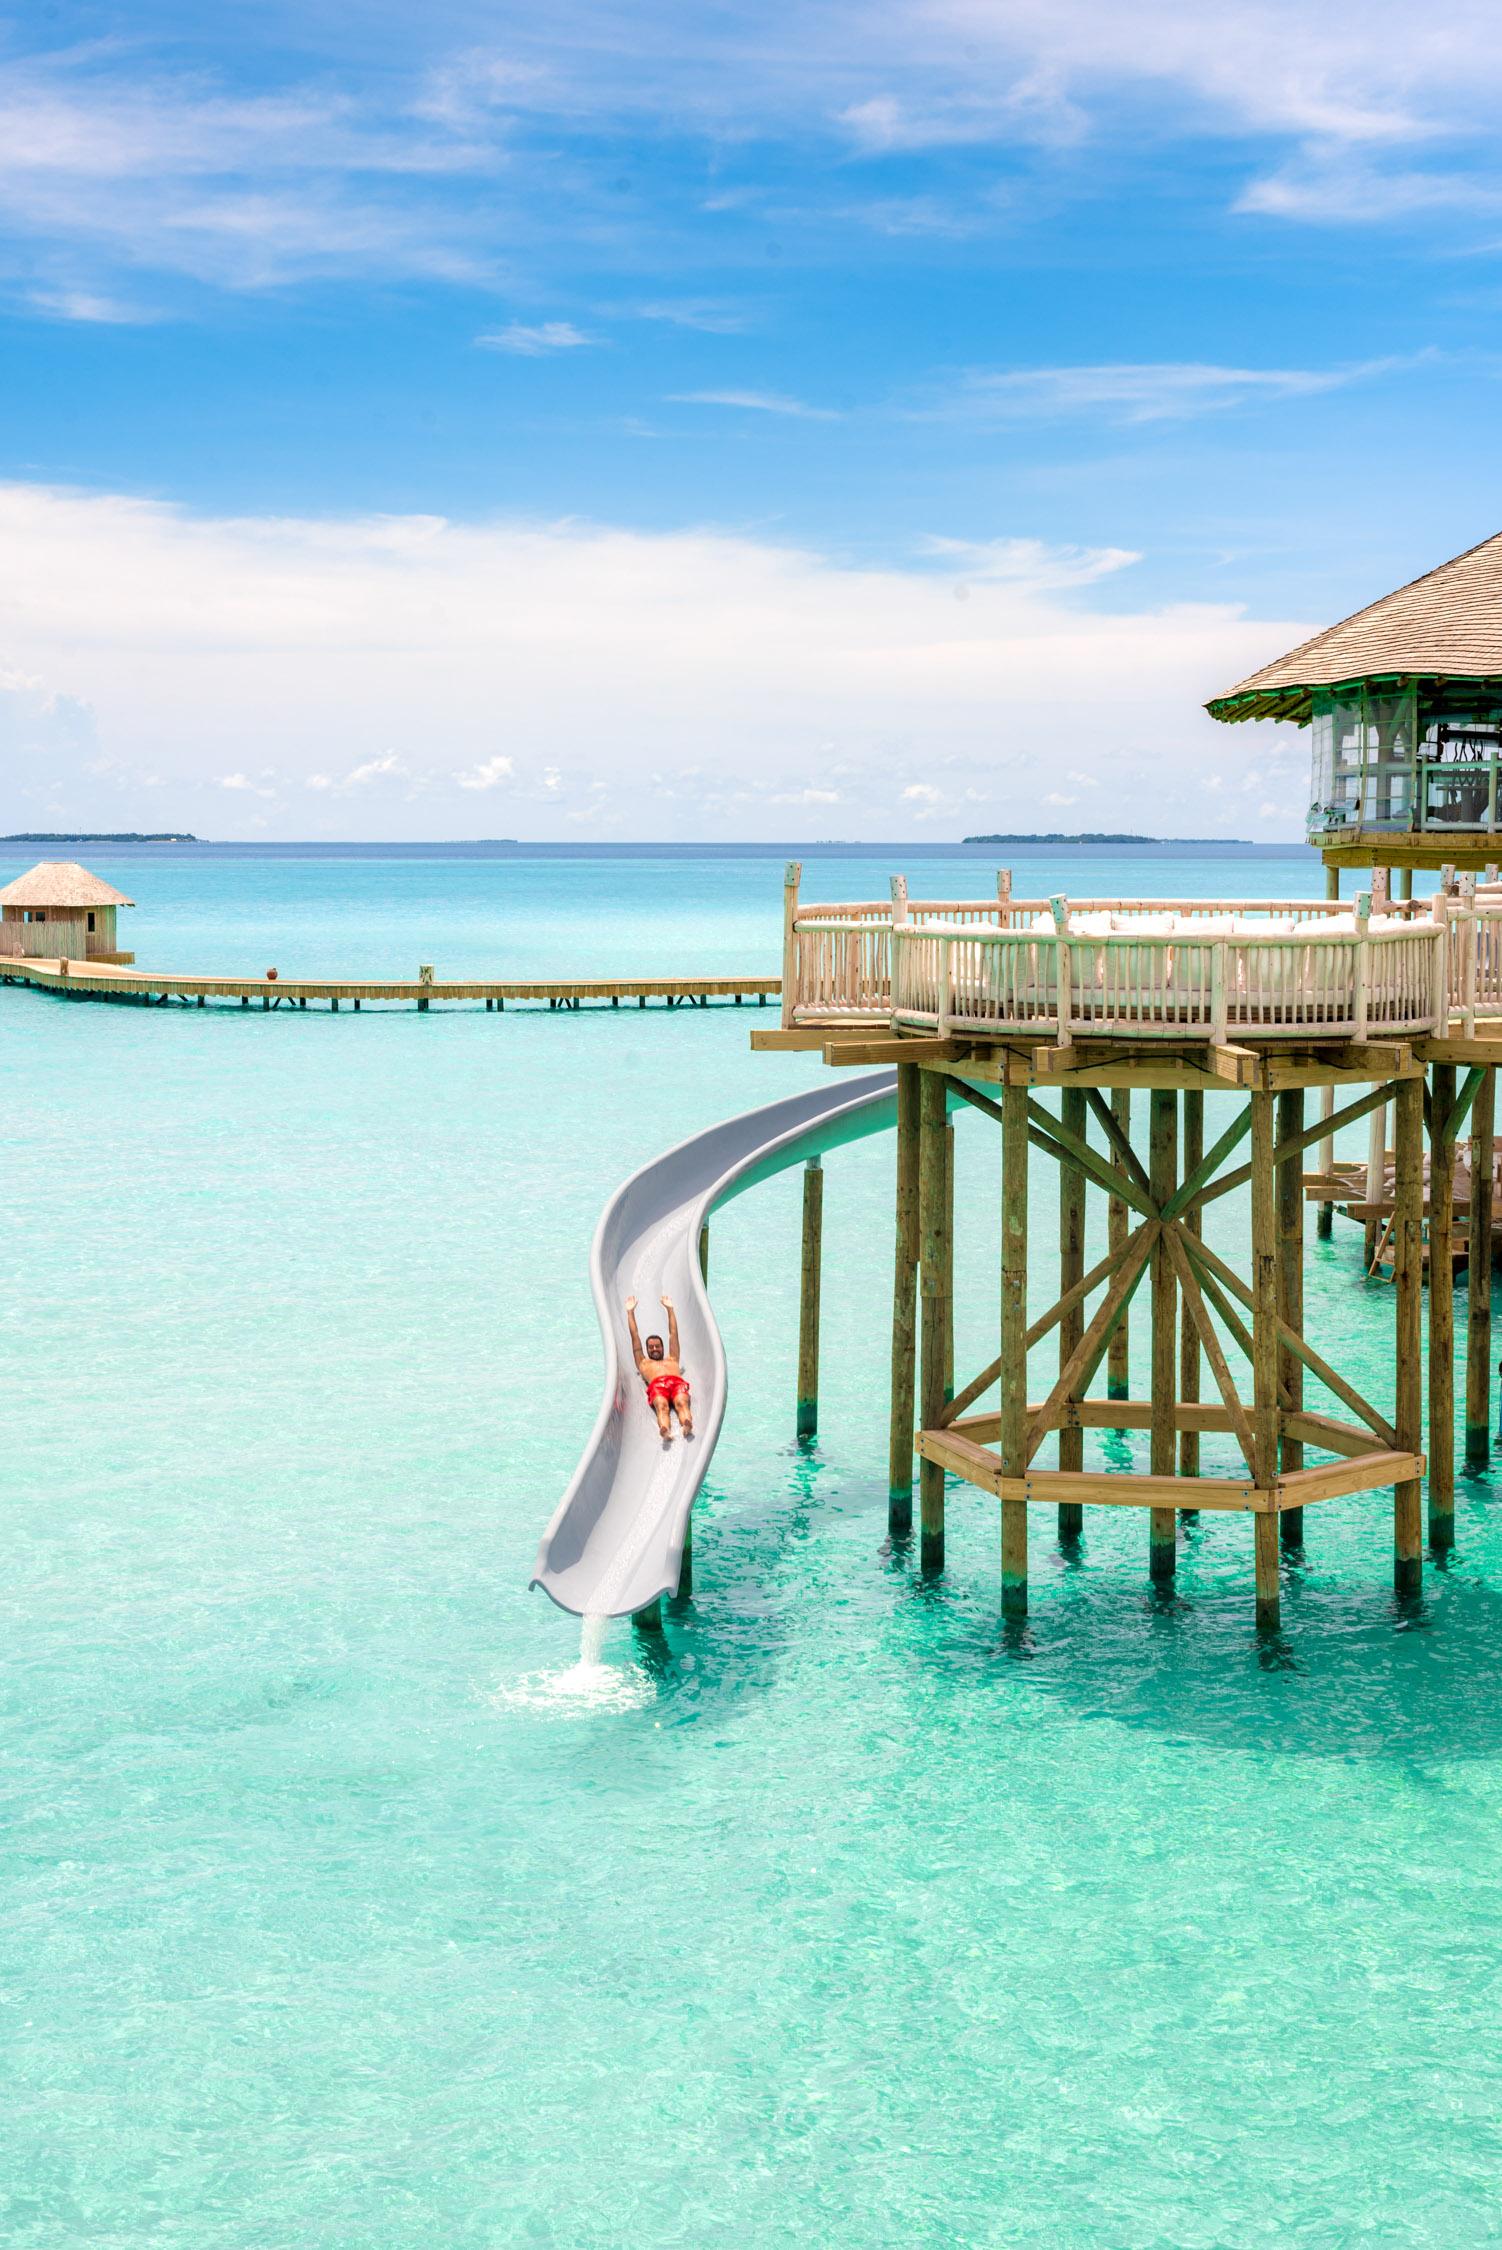 Maldives_Soneva-Jani-176-20170513.jpg